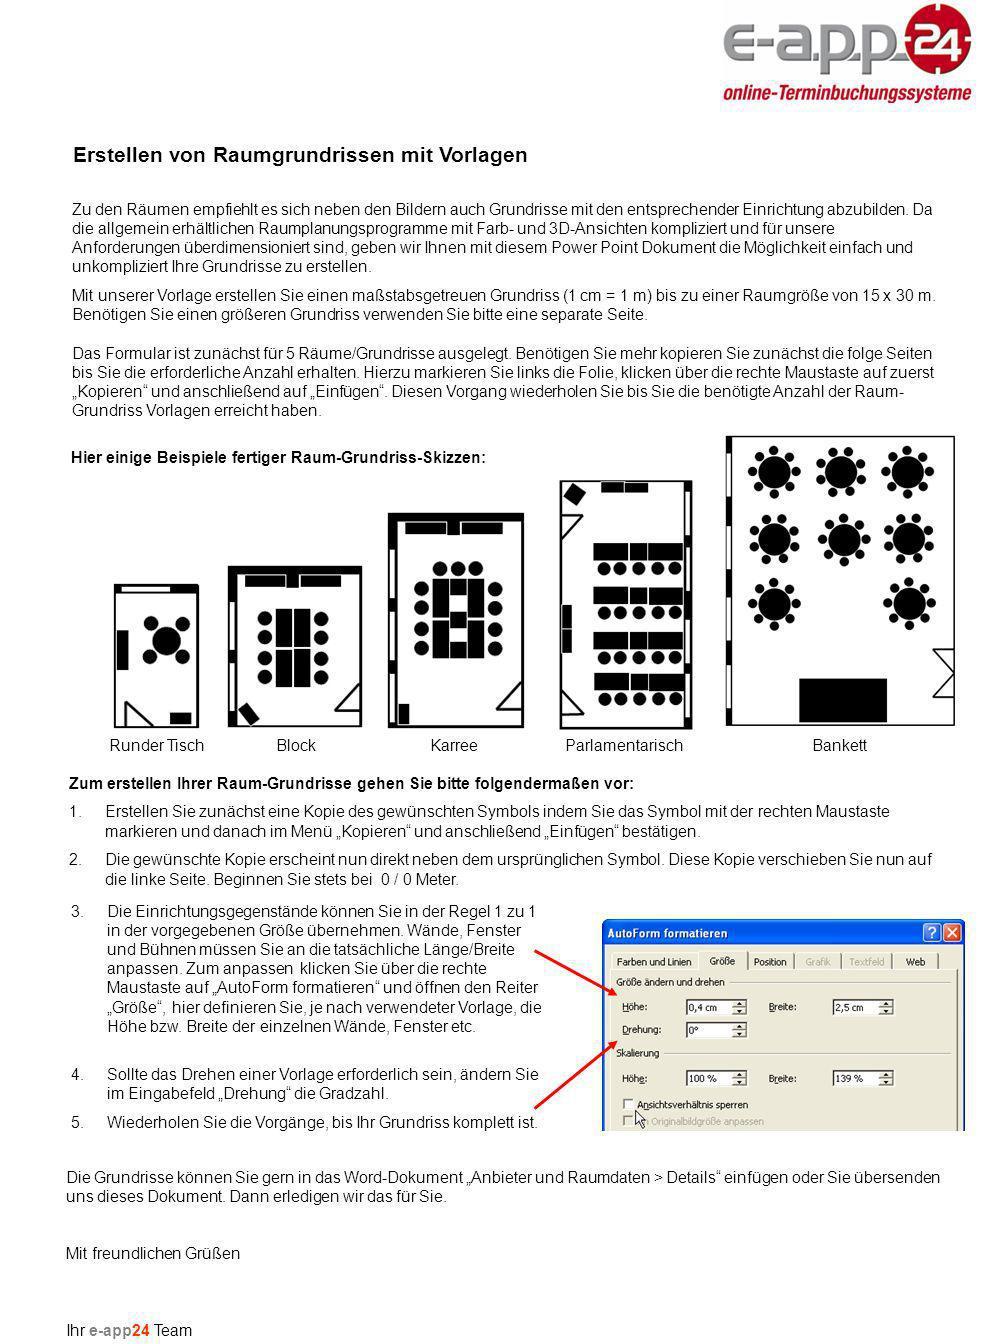 Zum erstellen Ihrer Raum-Grundrisse gehen Sie bitte folgendermaßen vor: 1.Erstellen Sie zunächst eine Kopie des gewünschten Symbols indem Sie das Symbol mit der rechten Maustaste markieren und danach im Menü Kopieren und anschließend Einfügen bestätigen.